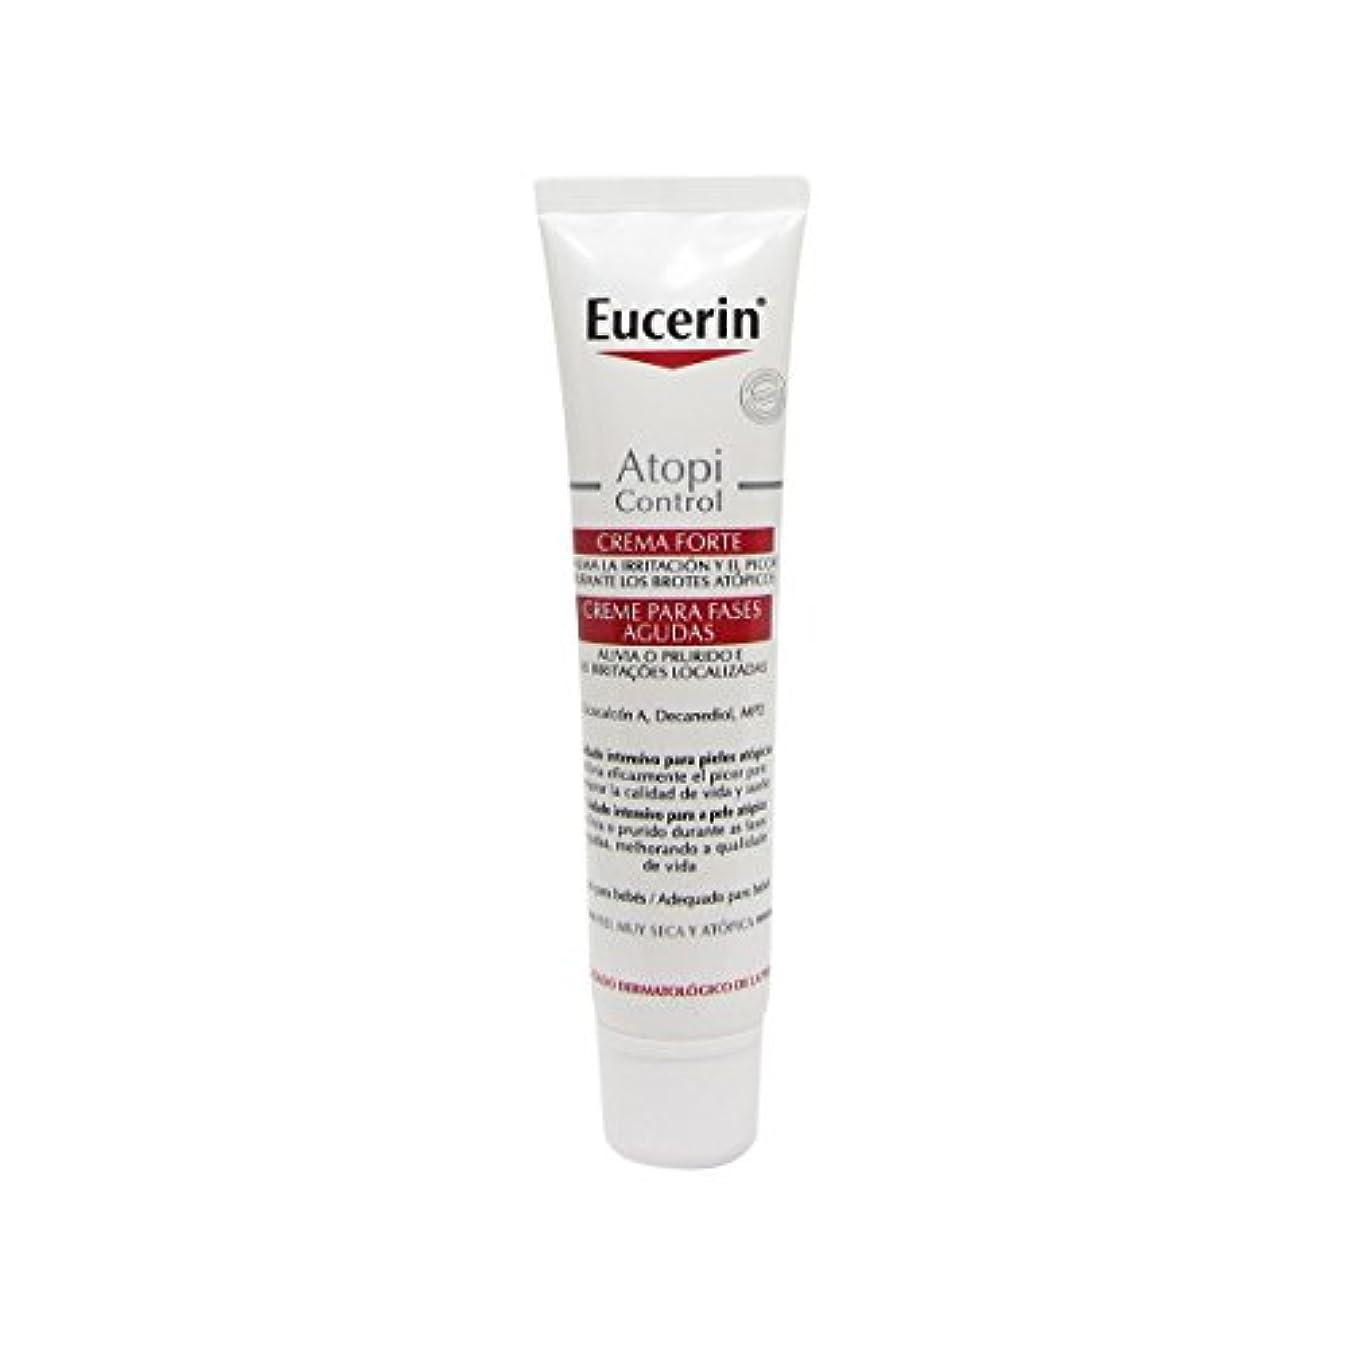 インチ実現可能性基準Eucerin Atopicontrol Acute Care Cream 40ml [並行輸入品]